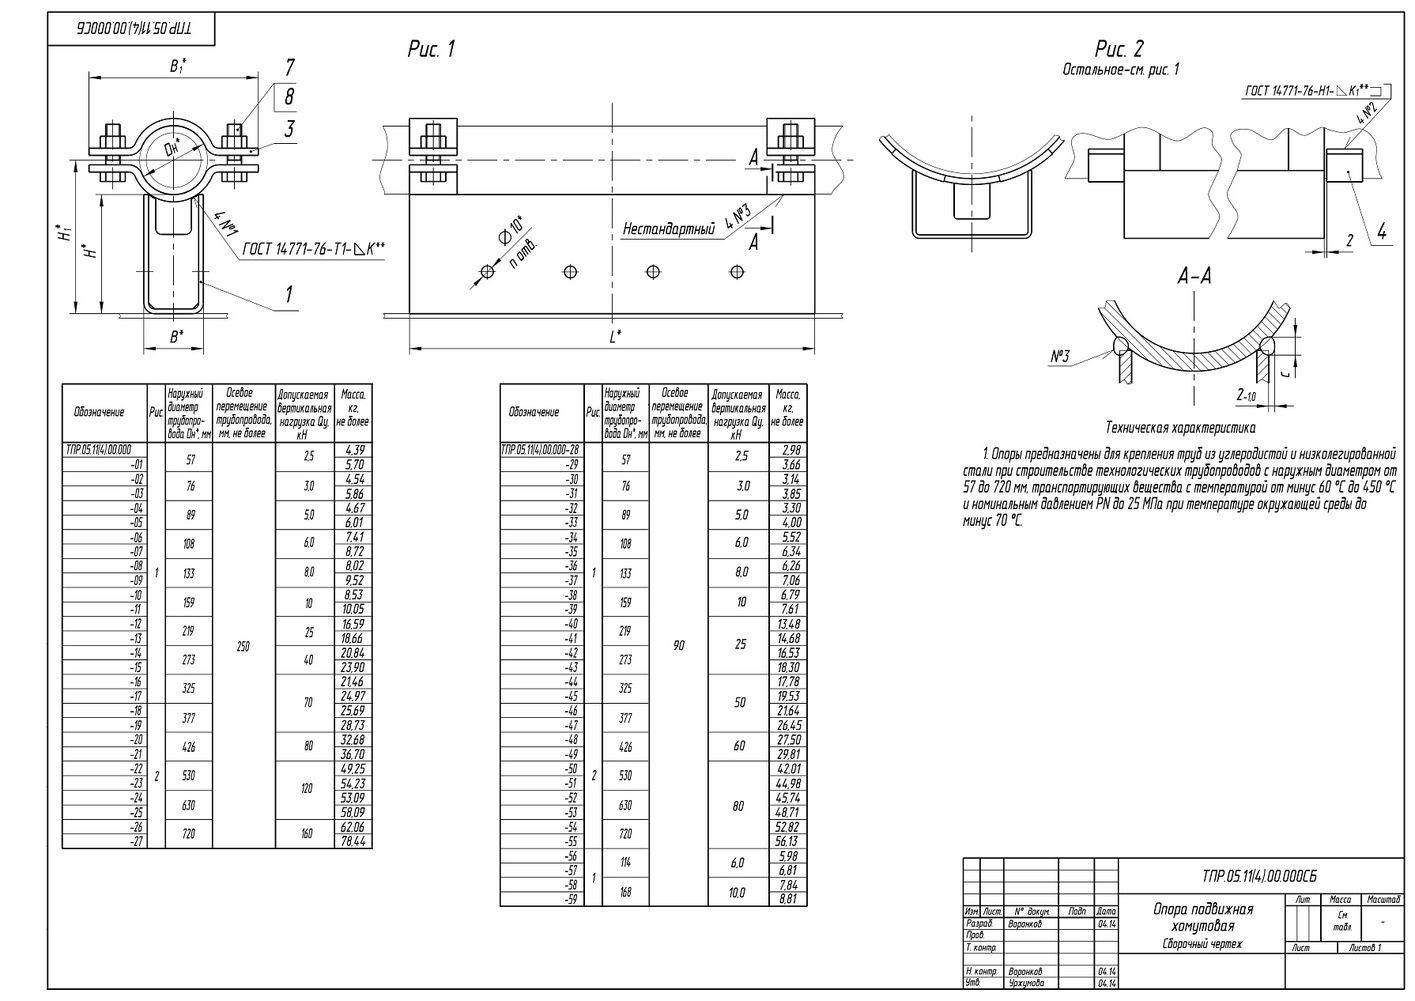 ТПР.05.11(4).00.000 Опора подвижная хомутовая трубопроводов Дн 57-720 мм